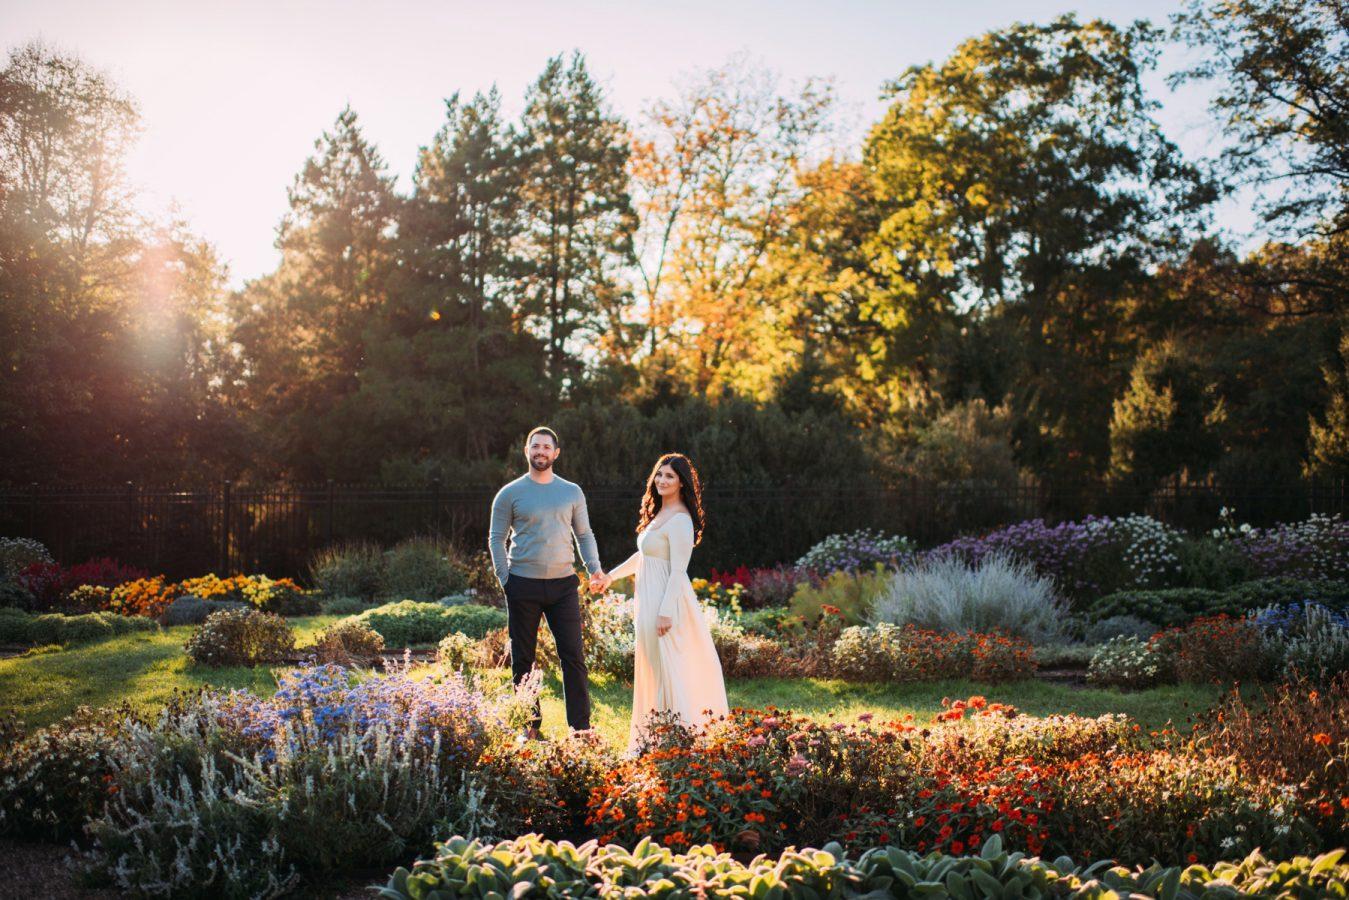 Golden Hour Garden Engagement Portraits